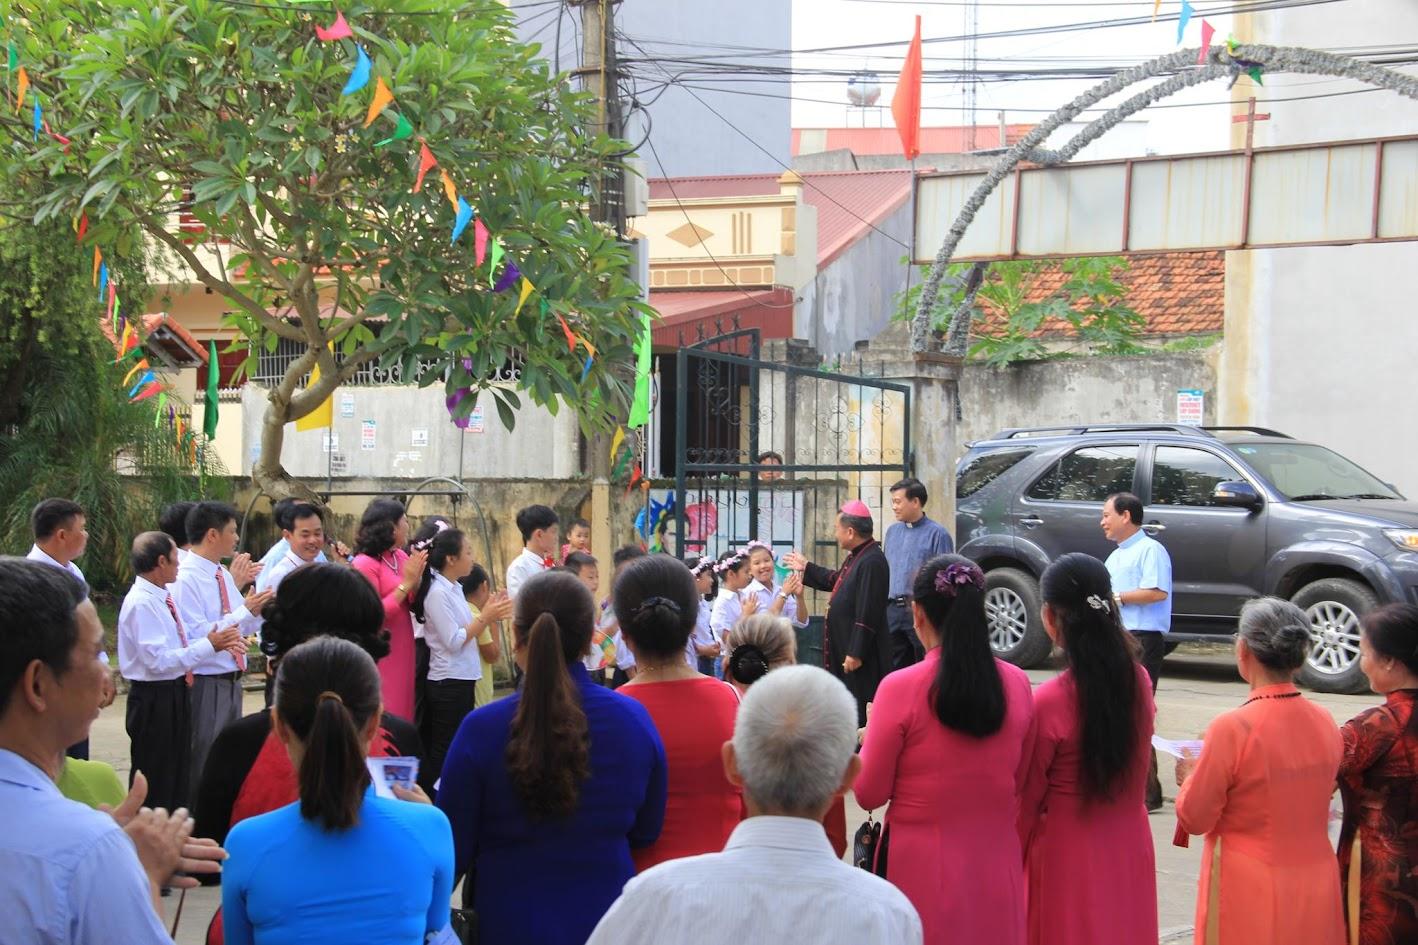 Giáo xứ Ngạn Sơn: Thánh lễ Bổn mạng và Làm phép Nhà mới - Ảnh minh hoạ 3